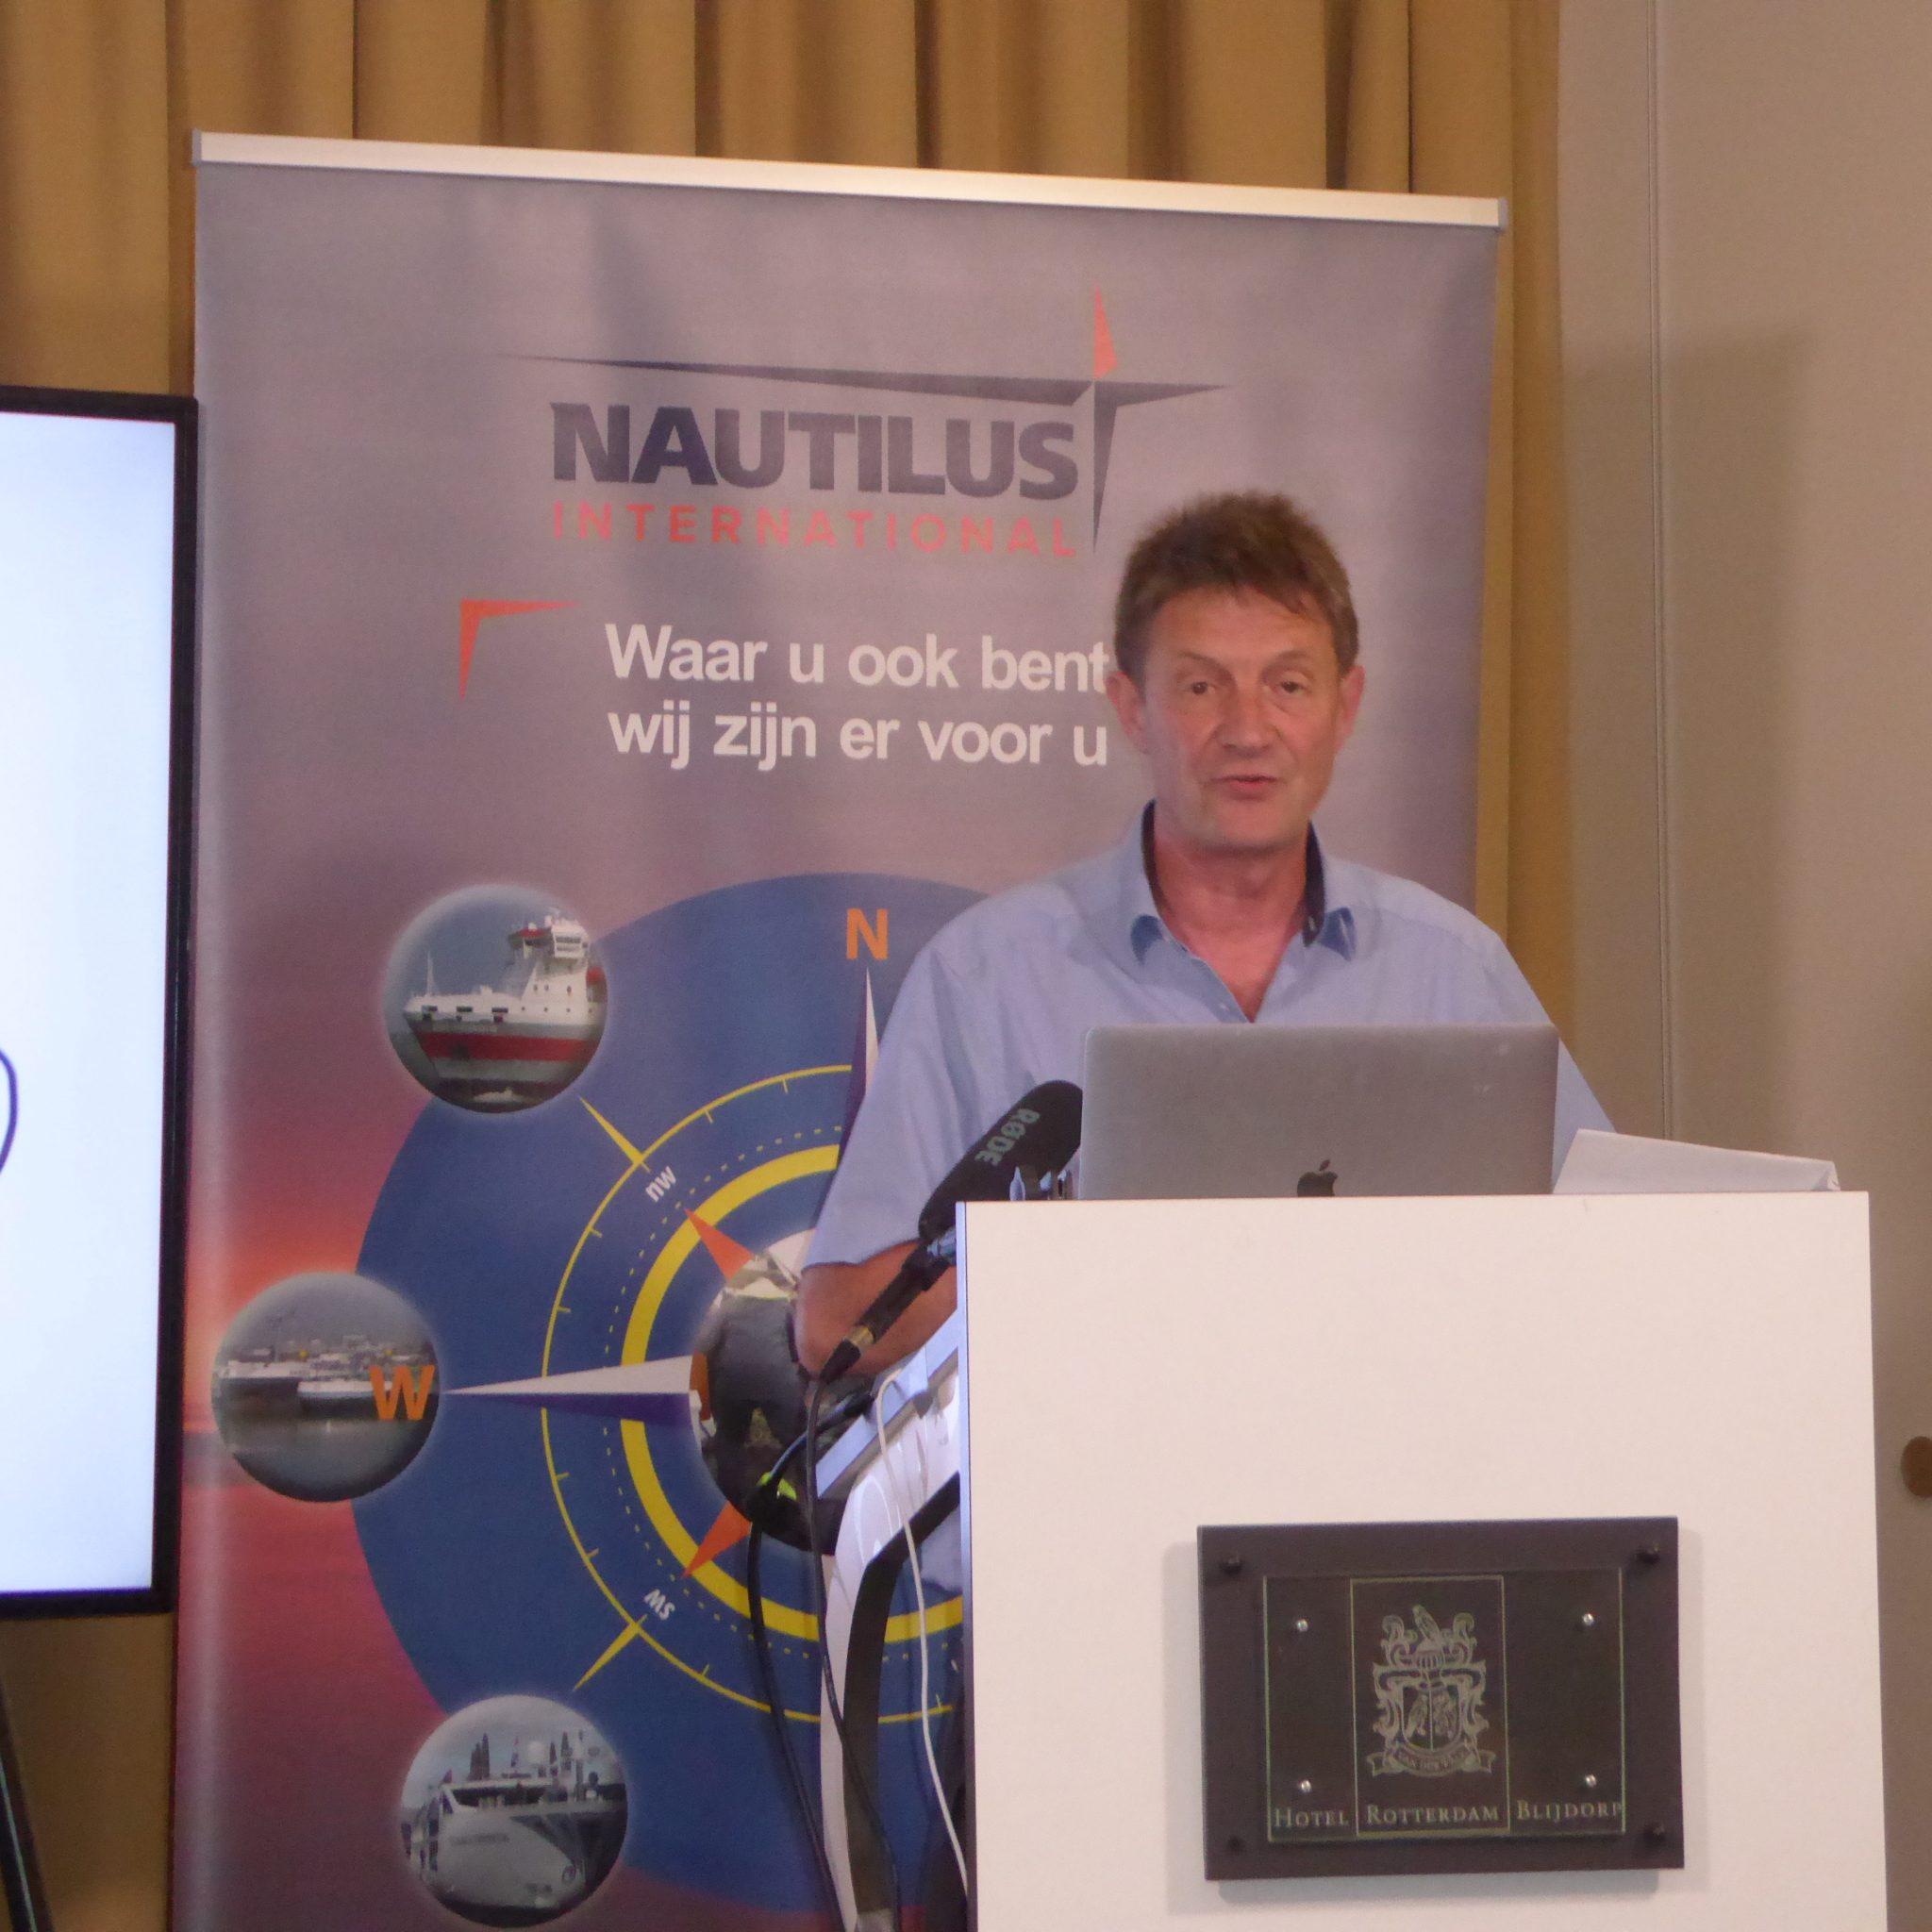 Marcel van den Broek tijdens het symposium van Nautilus. (Foto Nautilus)